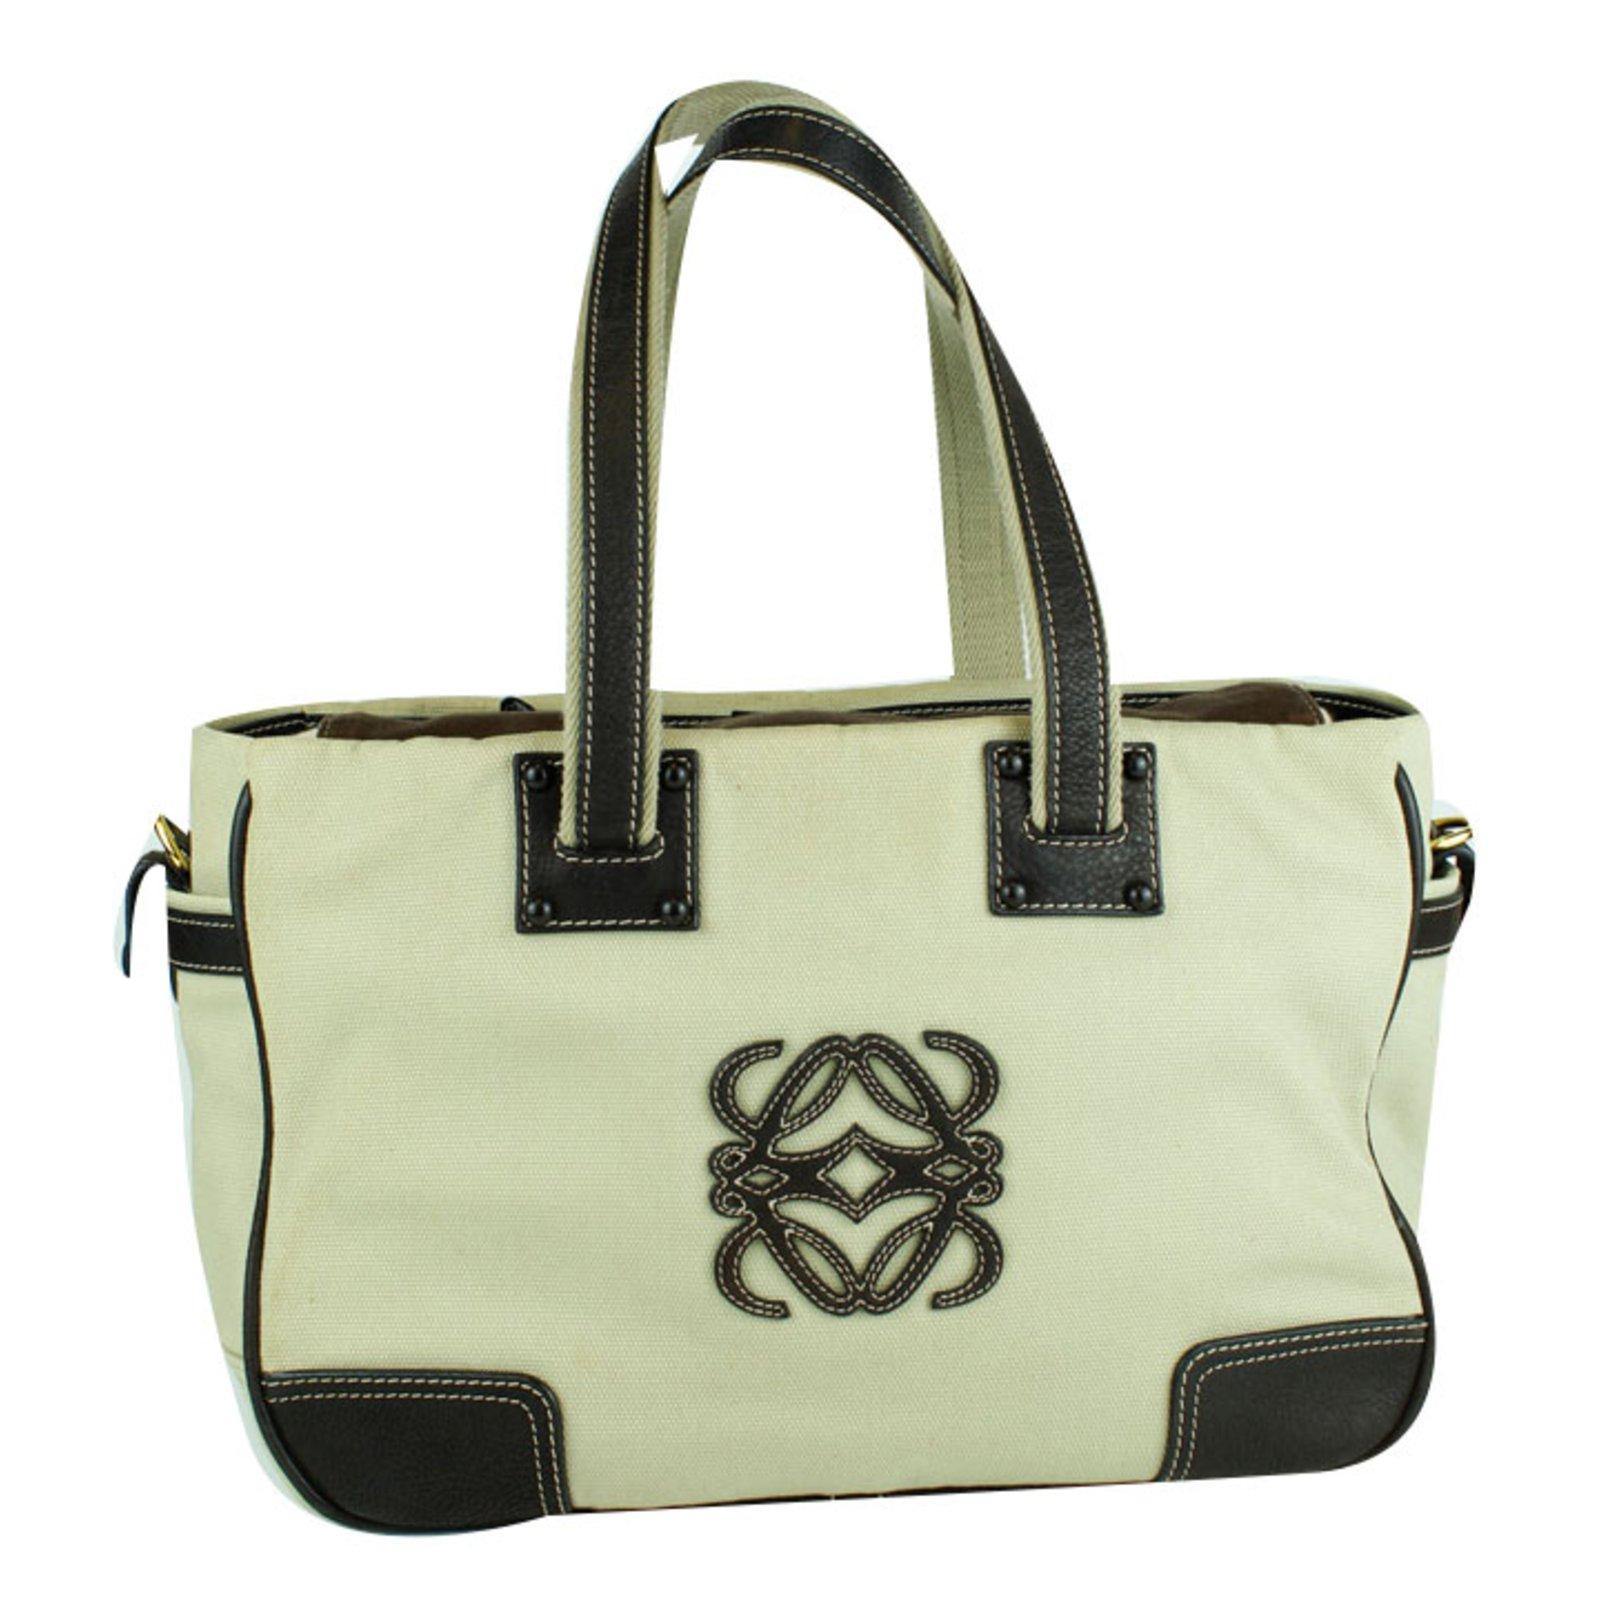 Loewe Handbags Cloth Beige Ref 53014